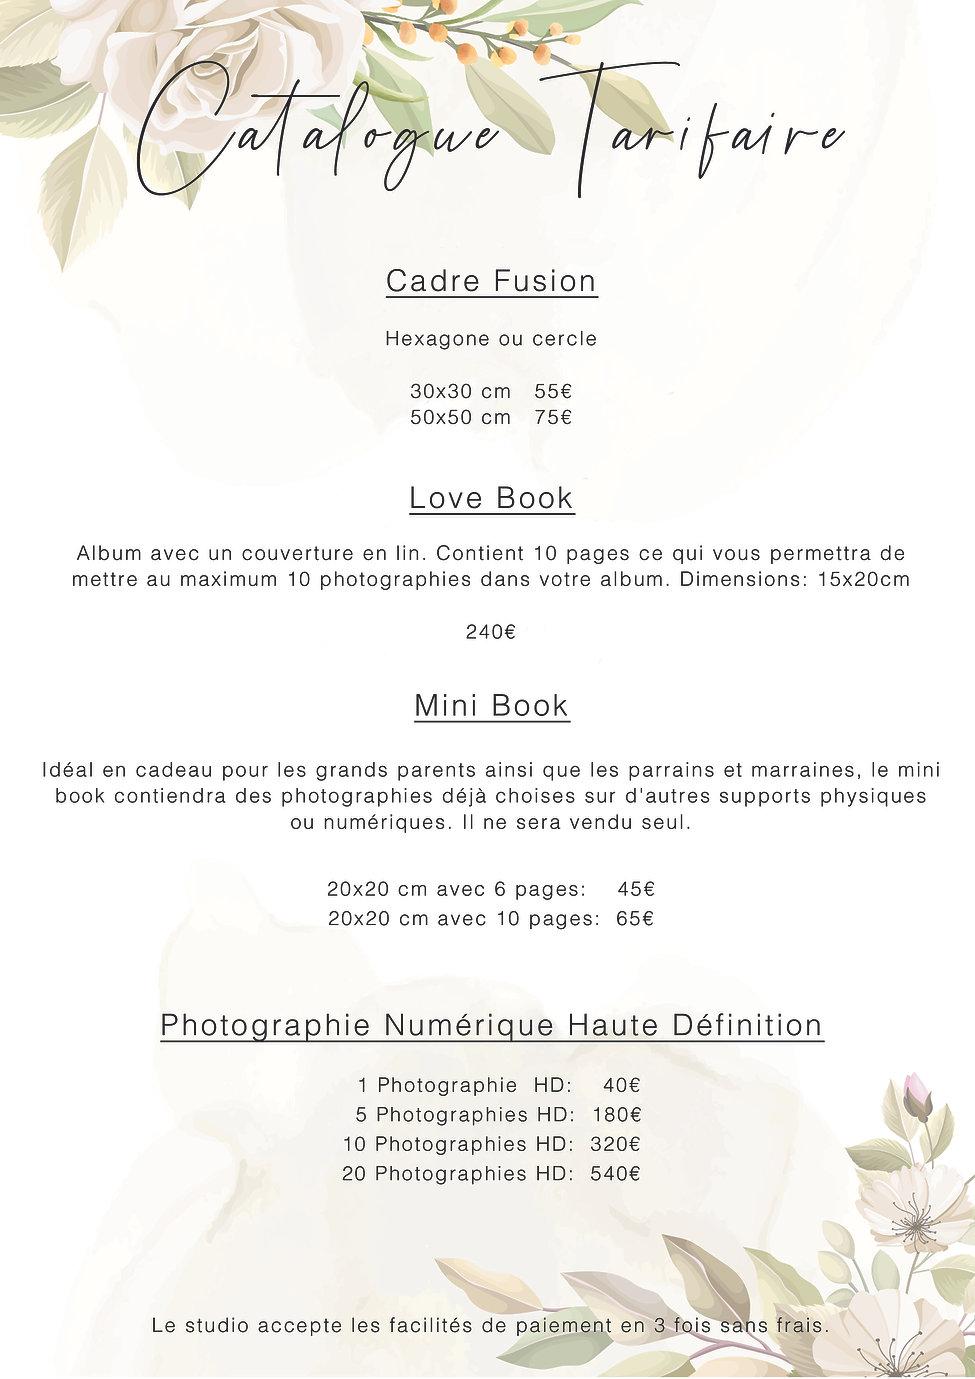 Catalogue tarifaire suite.jpg